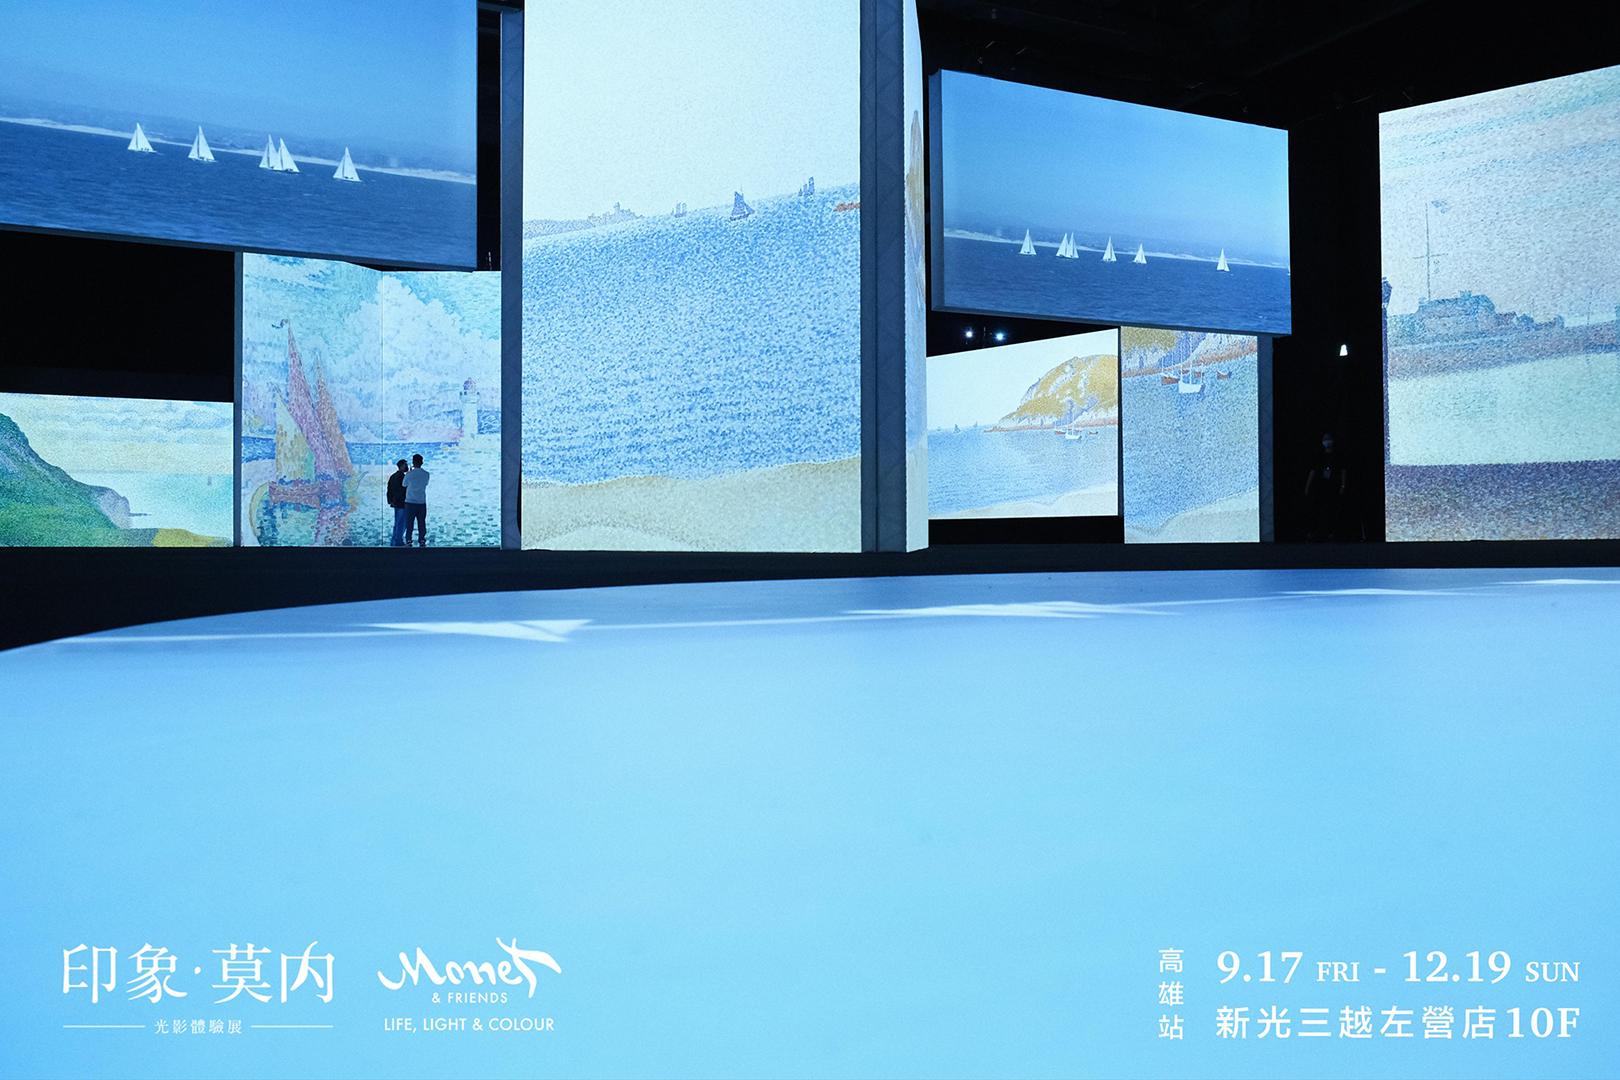 【印象莫內—光影體驗展(高雄站) 0917-1219】